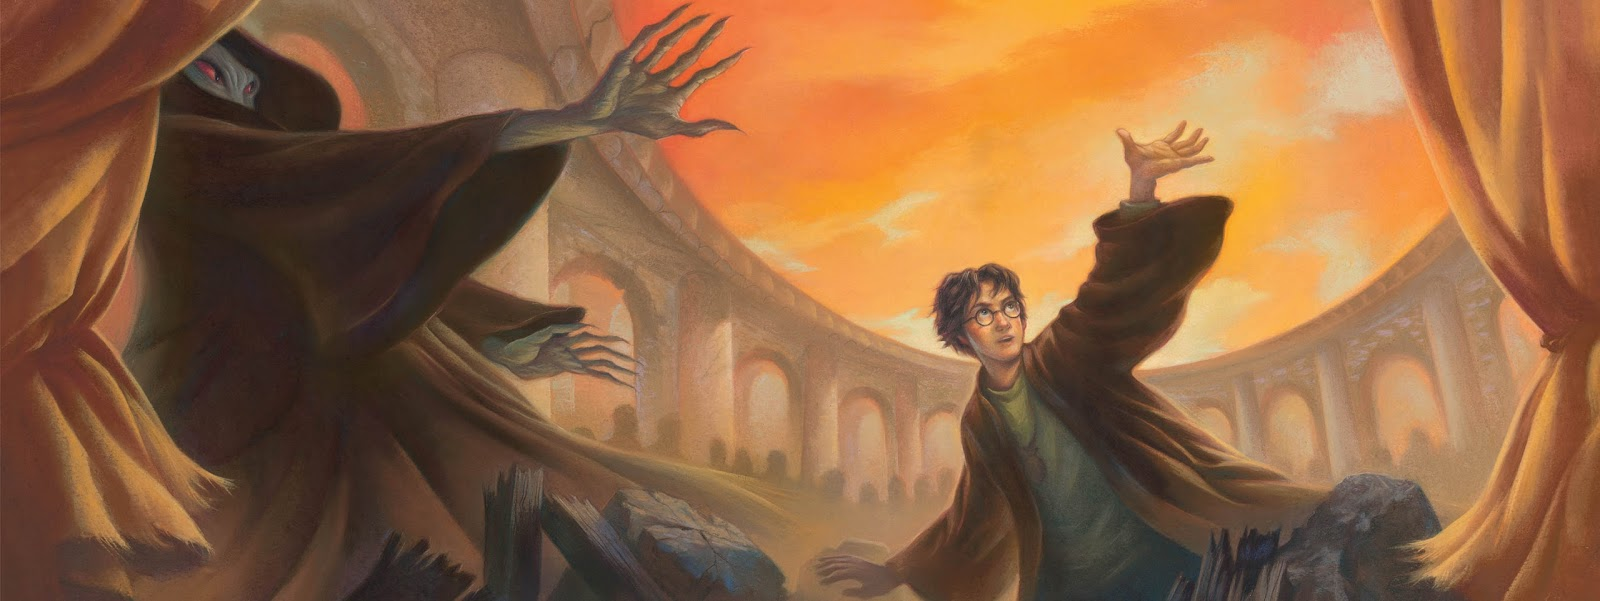 Harry Potter: Como era o mundo da cultura pop quando o último livro foi lançado?